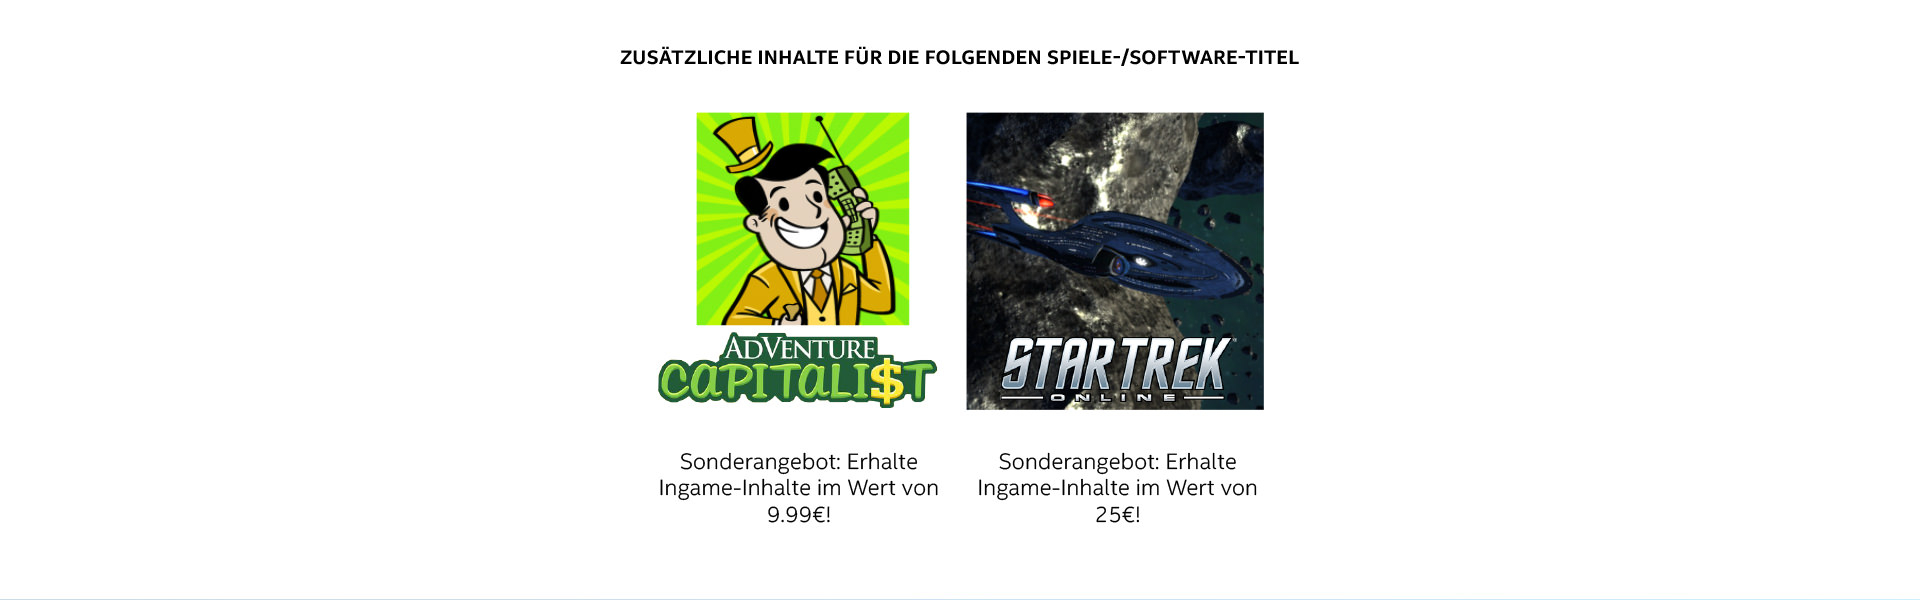 AdVenture Capitalist: InGame-Inhalte im Wert von 9,99€ & Star Trek Online: InGame-Inhalte im Wert von 25€